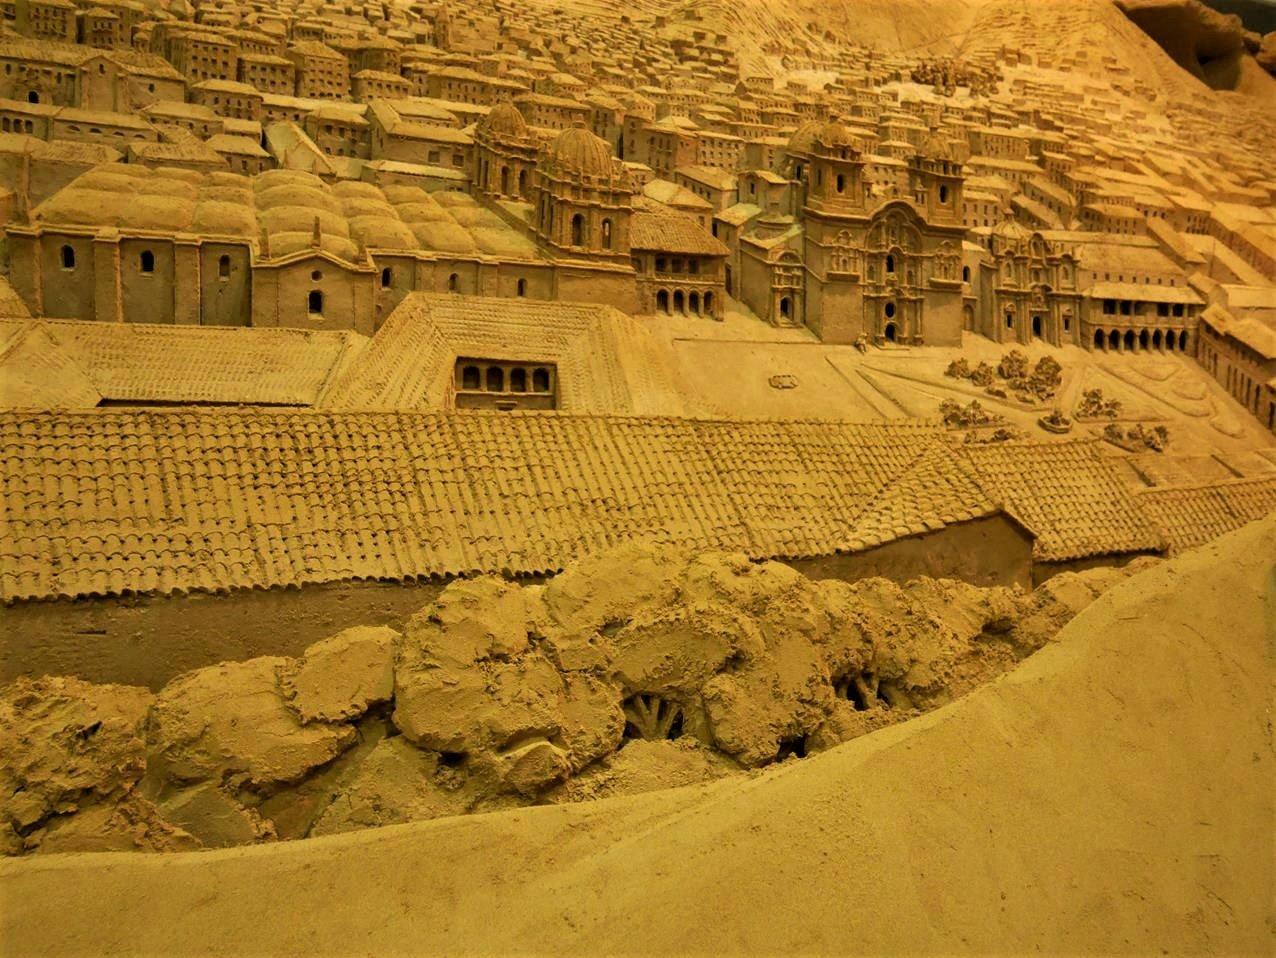 鳥取砂丘砂之美術館